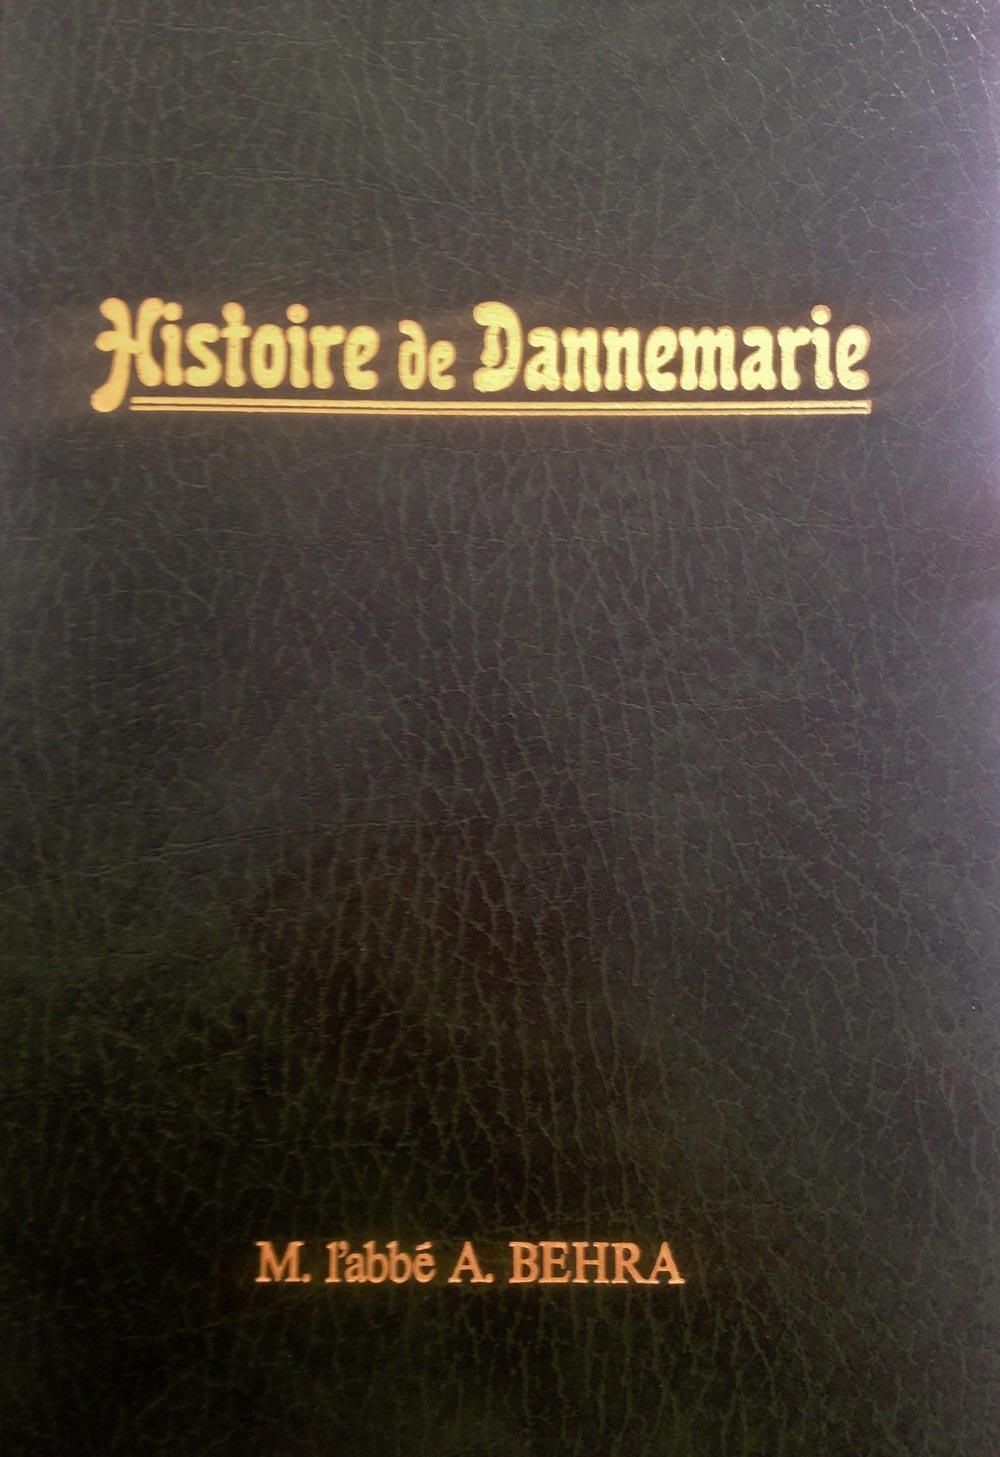 Histoire de Dannemarie de M. l'abbé A. BEHRA